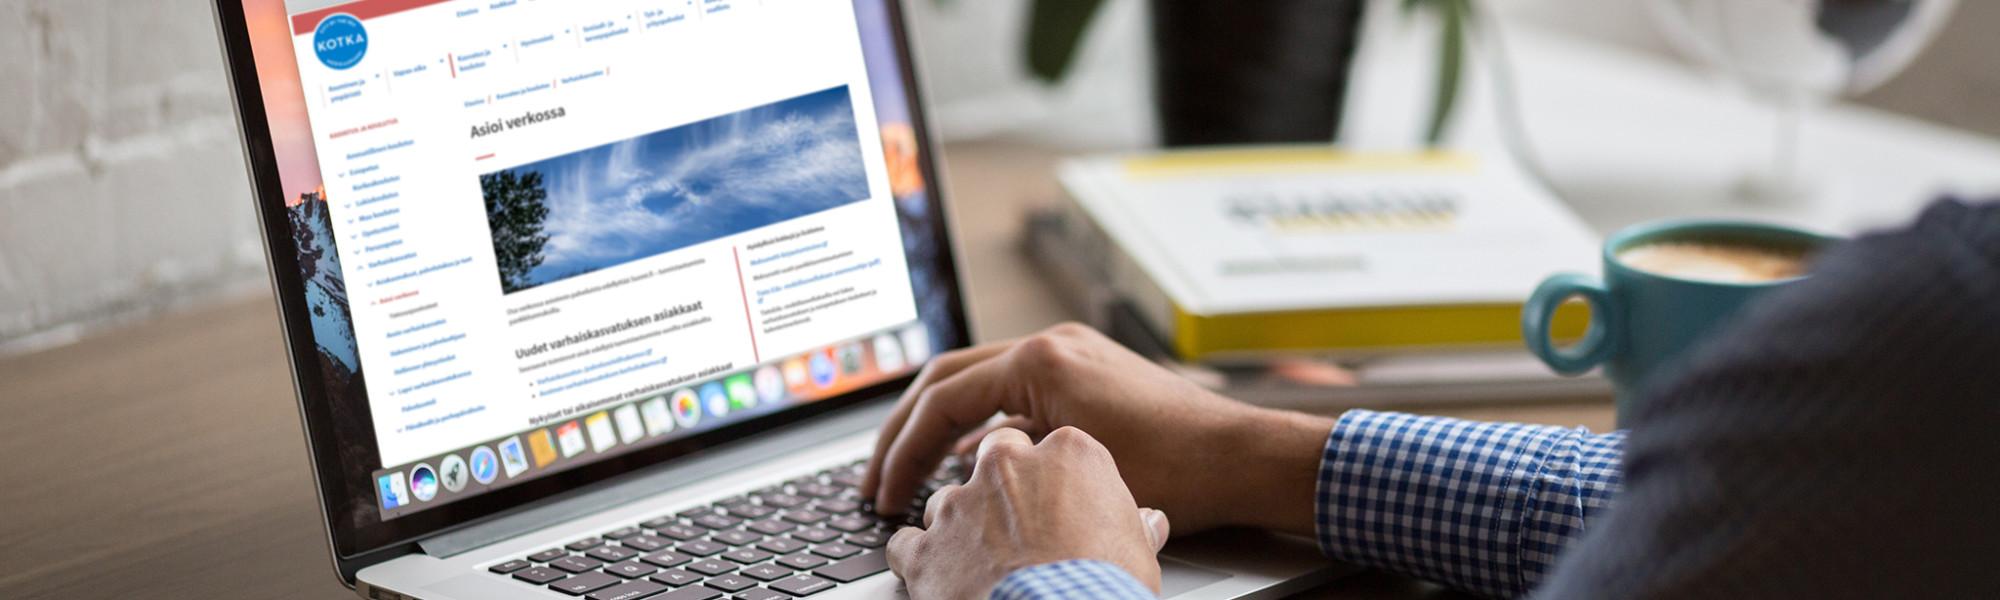 Kuvassa henkilö selaa verkkosivustoa tietokoneella